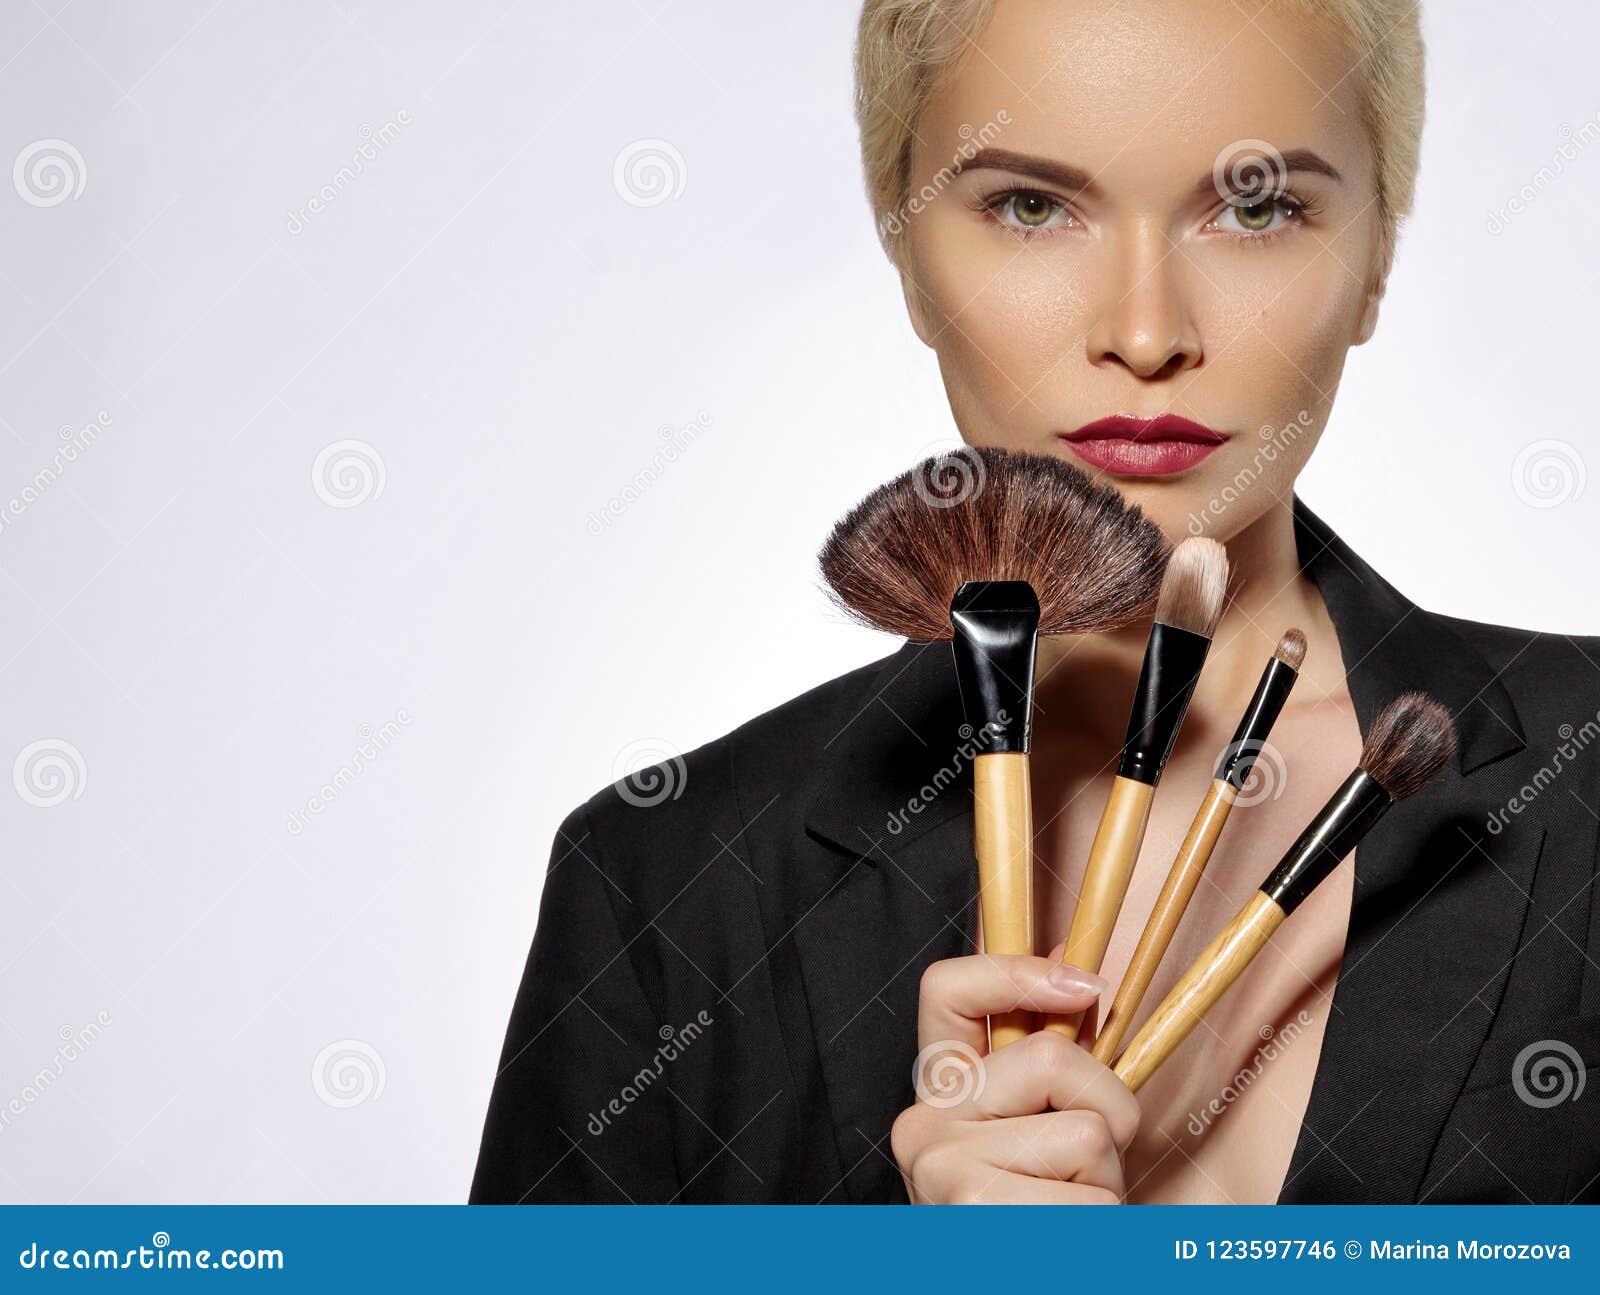 επεξεργασία σαπουνιών πετρελαίου σύνθεσης ομορφιάς λουτρών κορίτσι βουρτσών makeup Η μόδα αποζημιώνει την προκλητική γυναίκα make